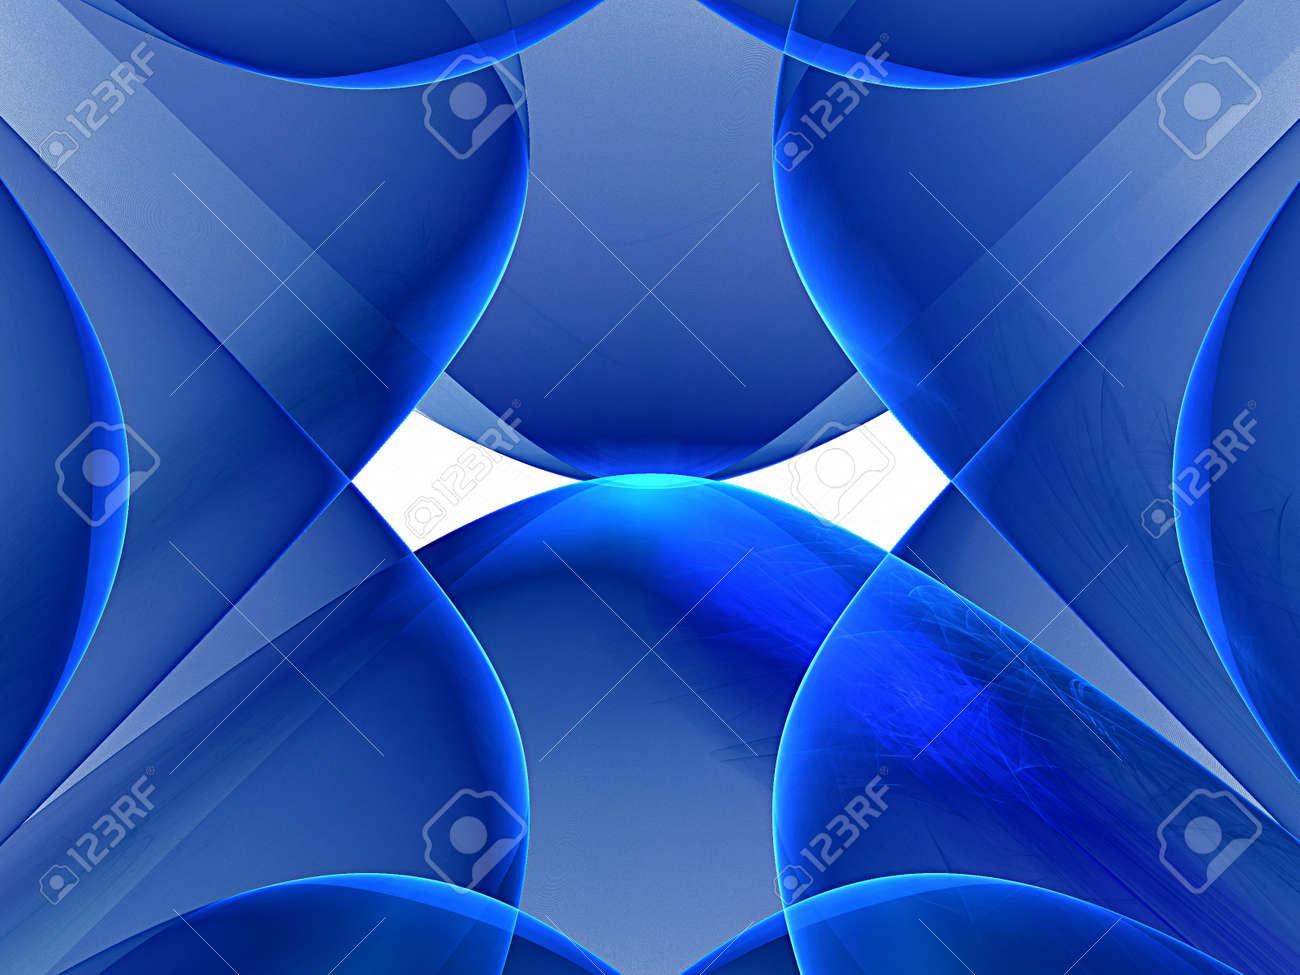 blue nice fractal - 165584641